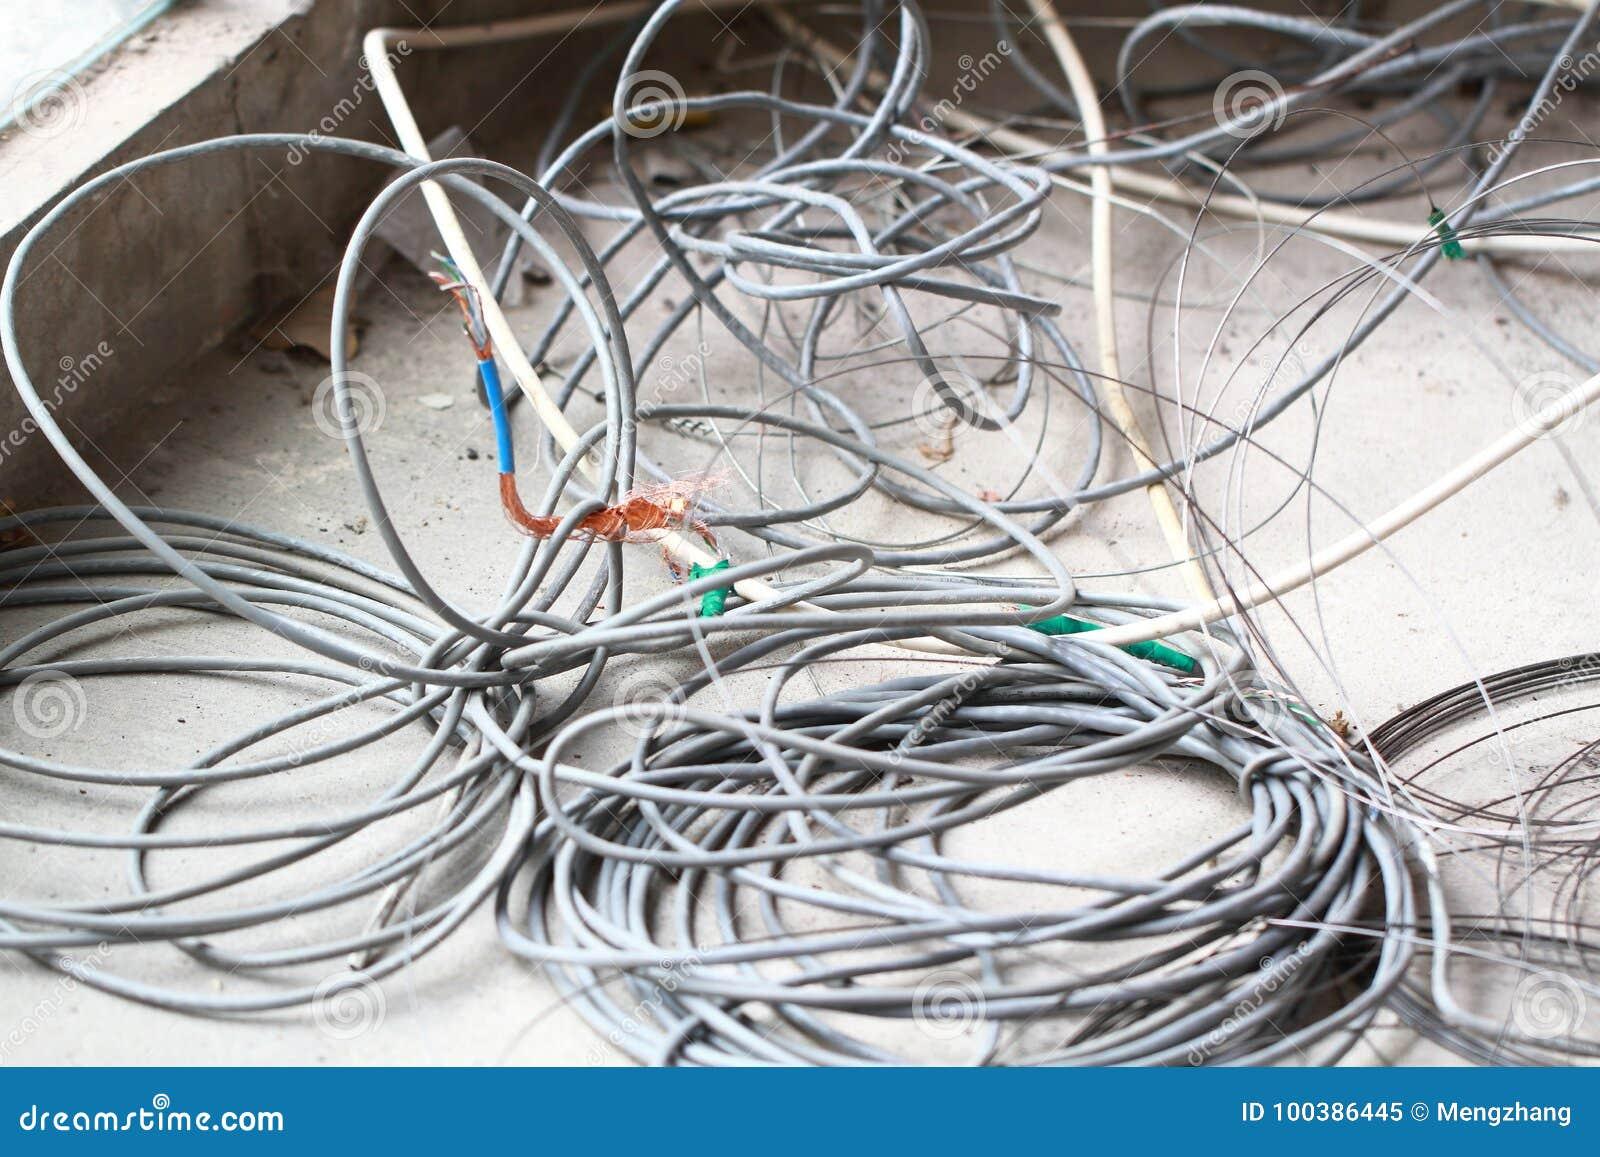 在地板整修装饰的废弃的被放弃的被破坏的被放弃的LAN缆绳导线卷圈子绳索再磨光垃圾垃圾